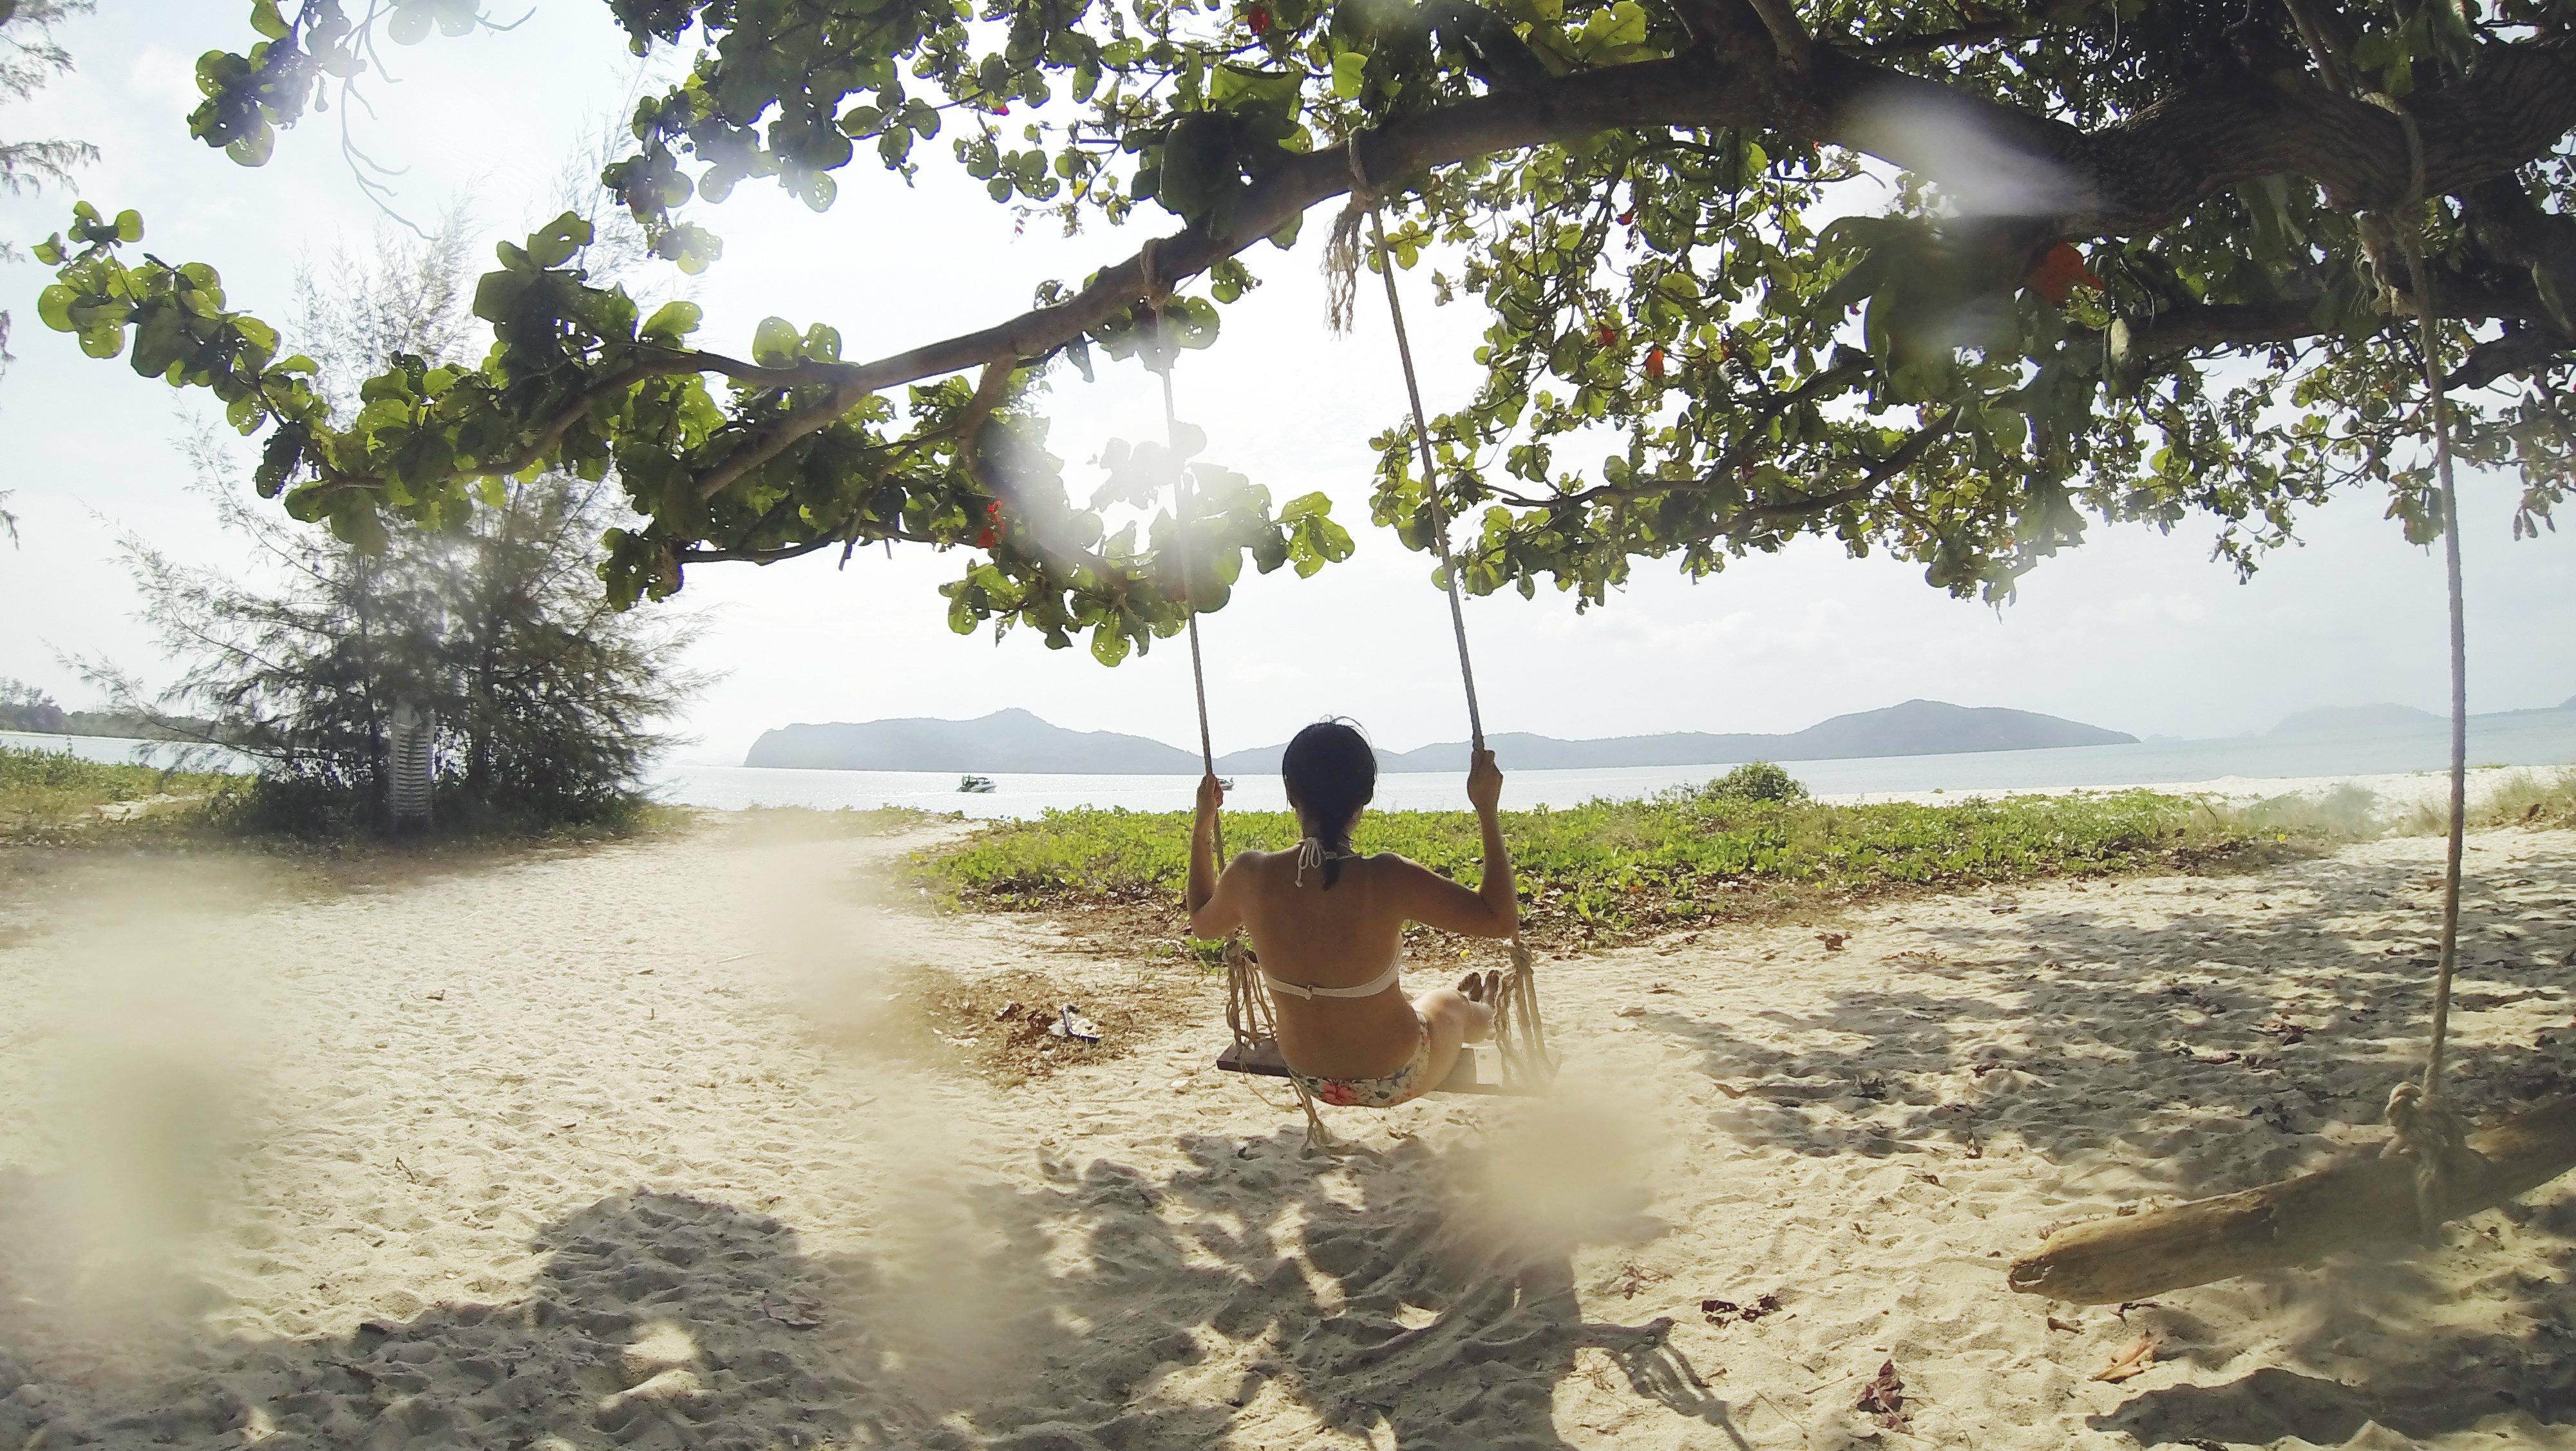 tropical-beach-1149937 edit